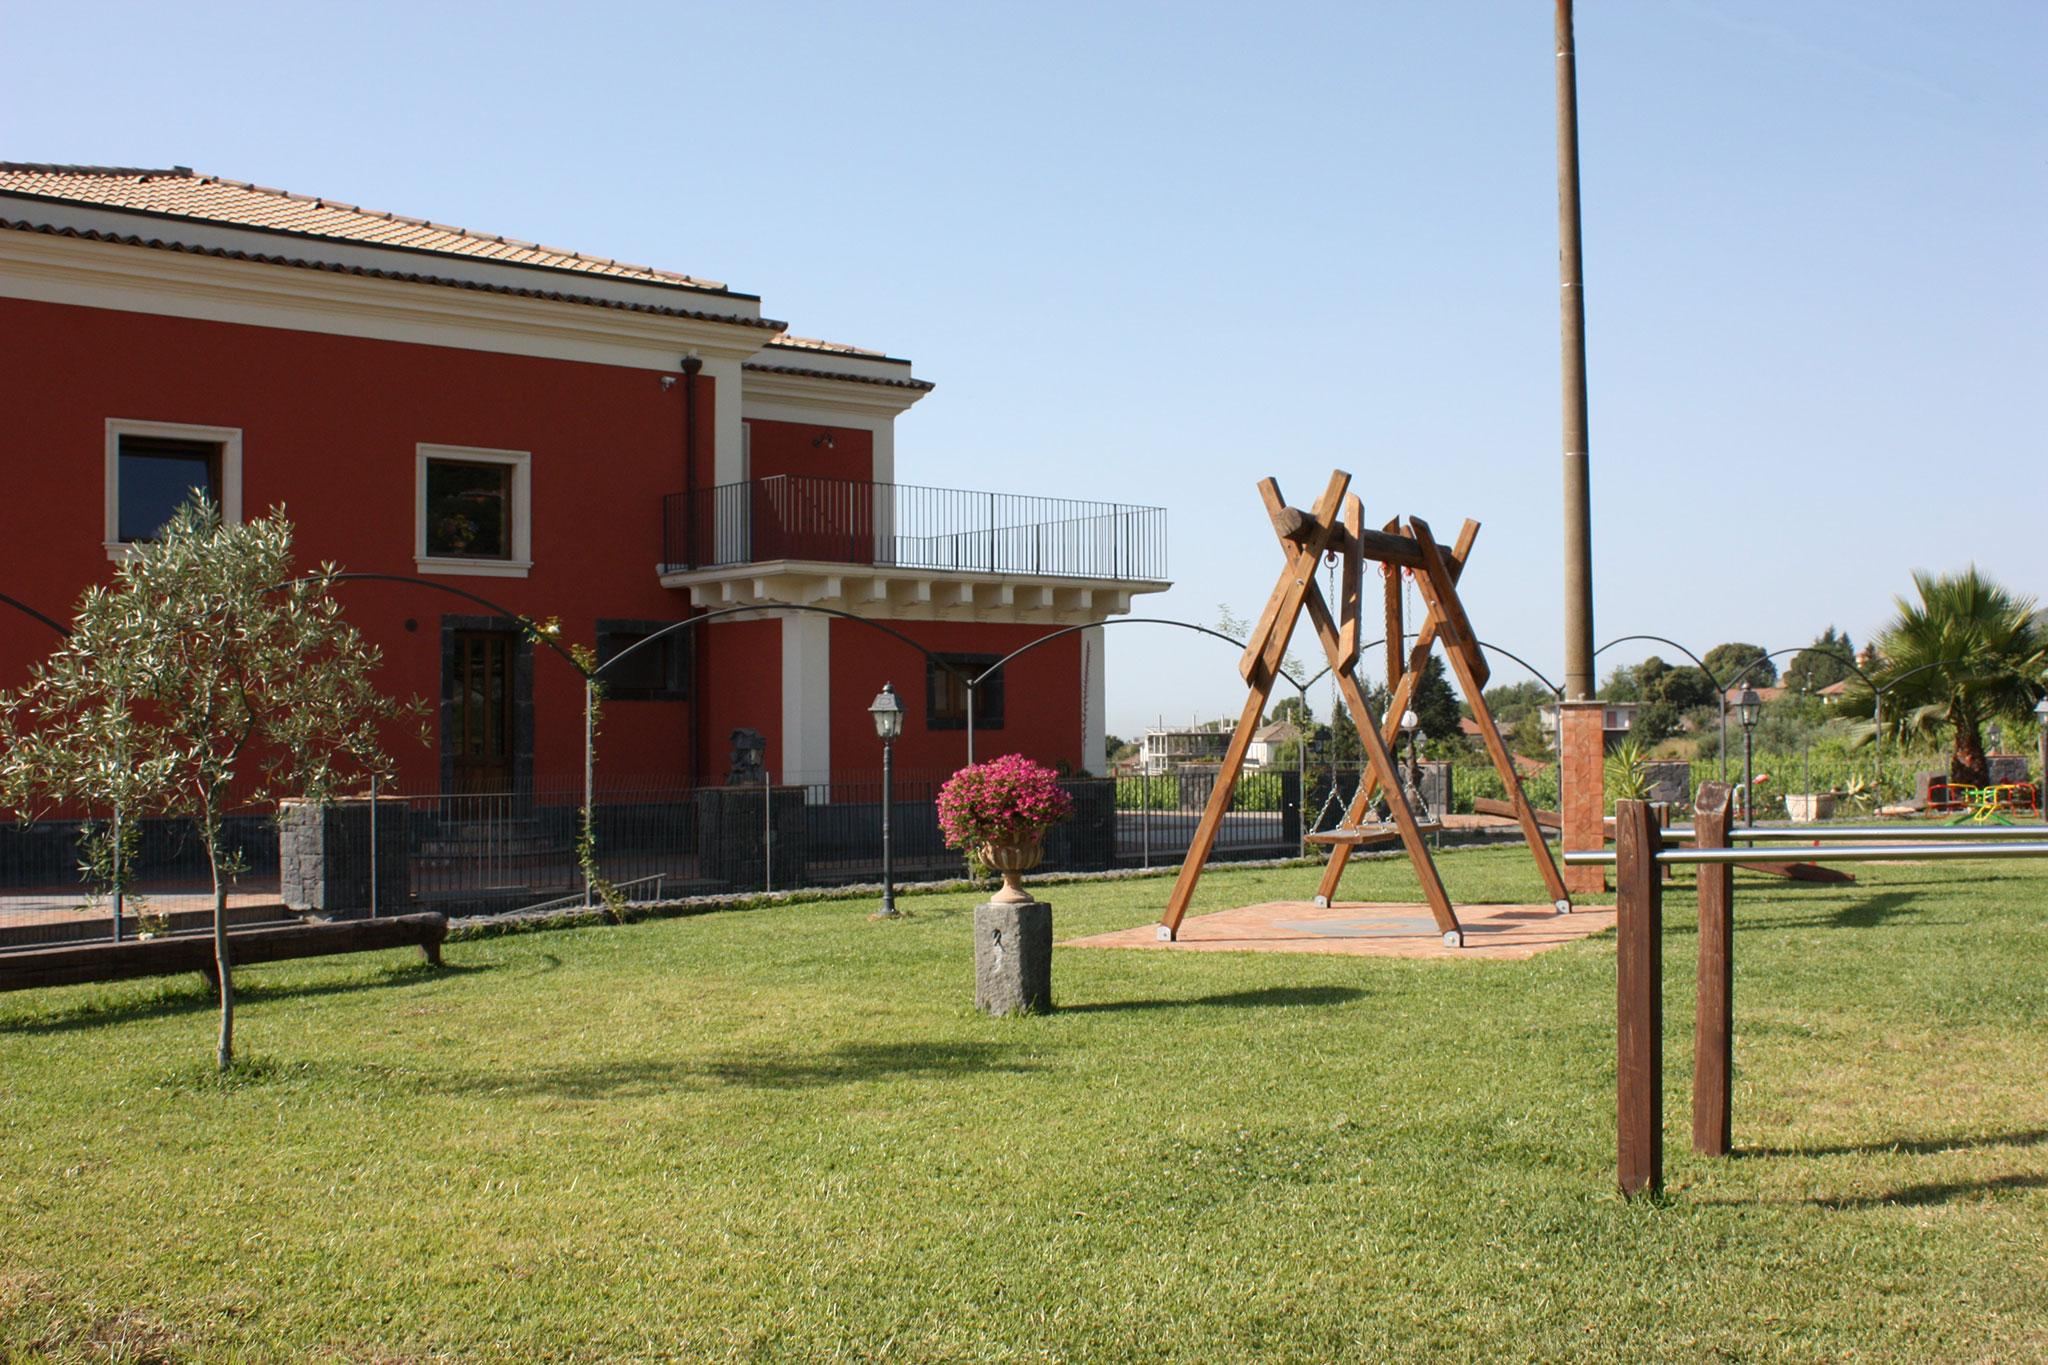 Villa Giuffrida